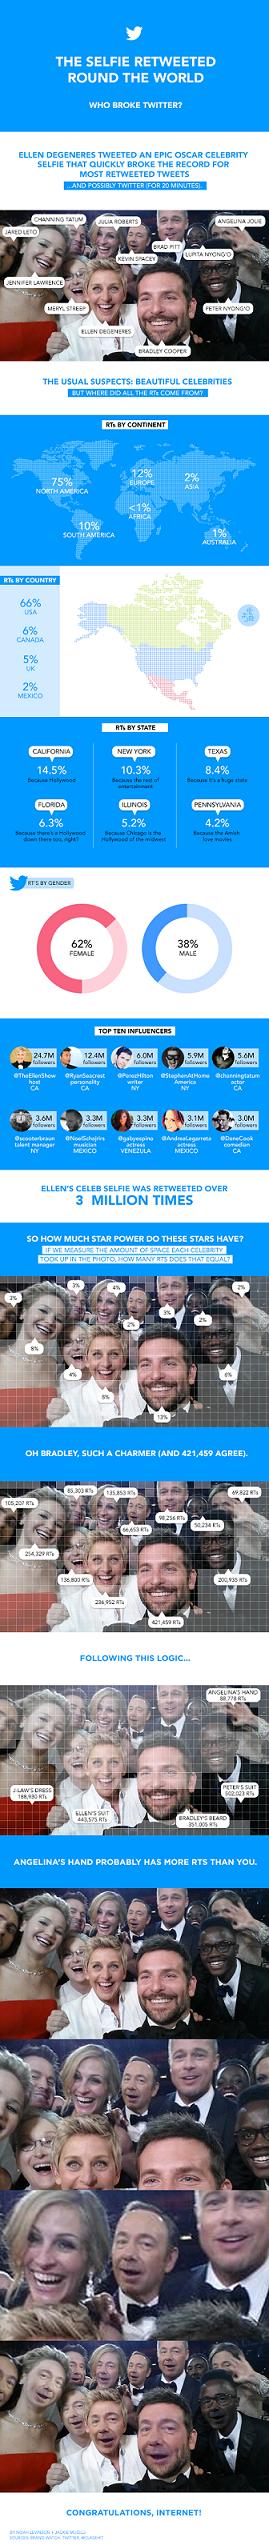 Ellen DeGeneres' Celebrity Selfie